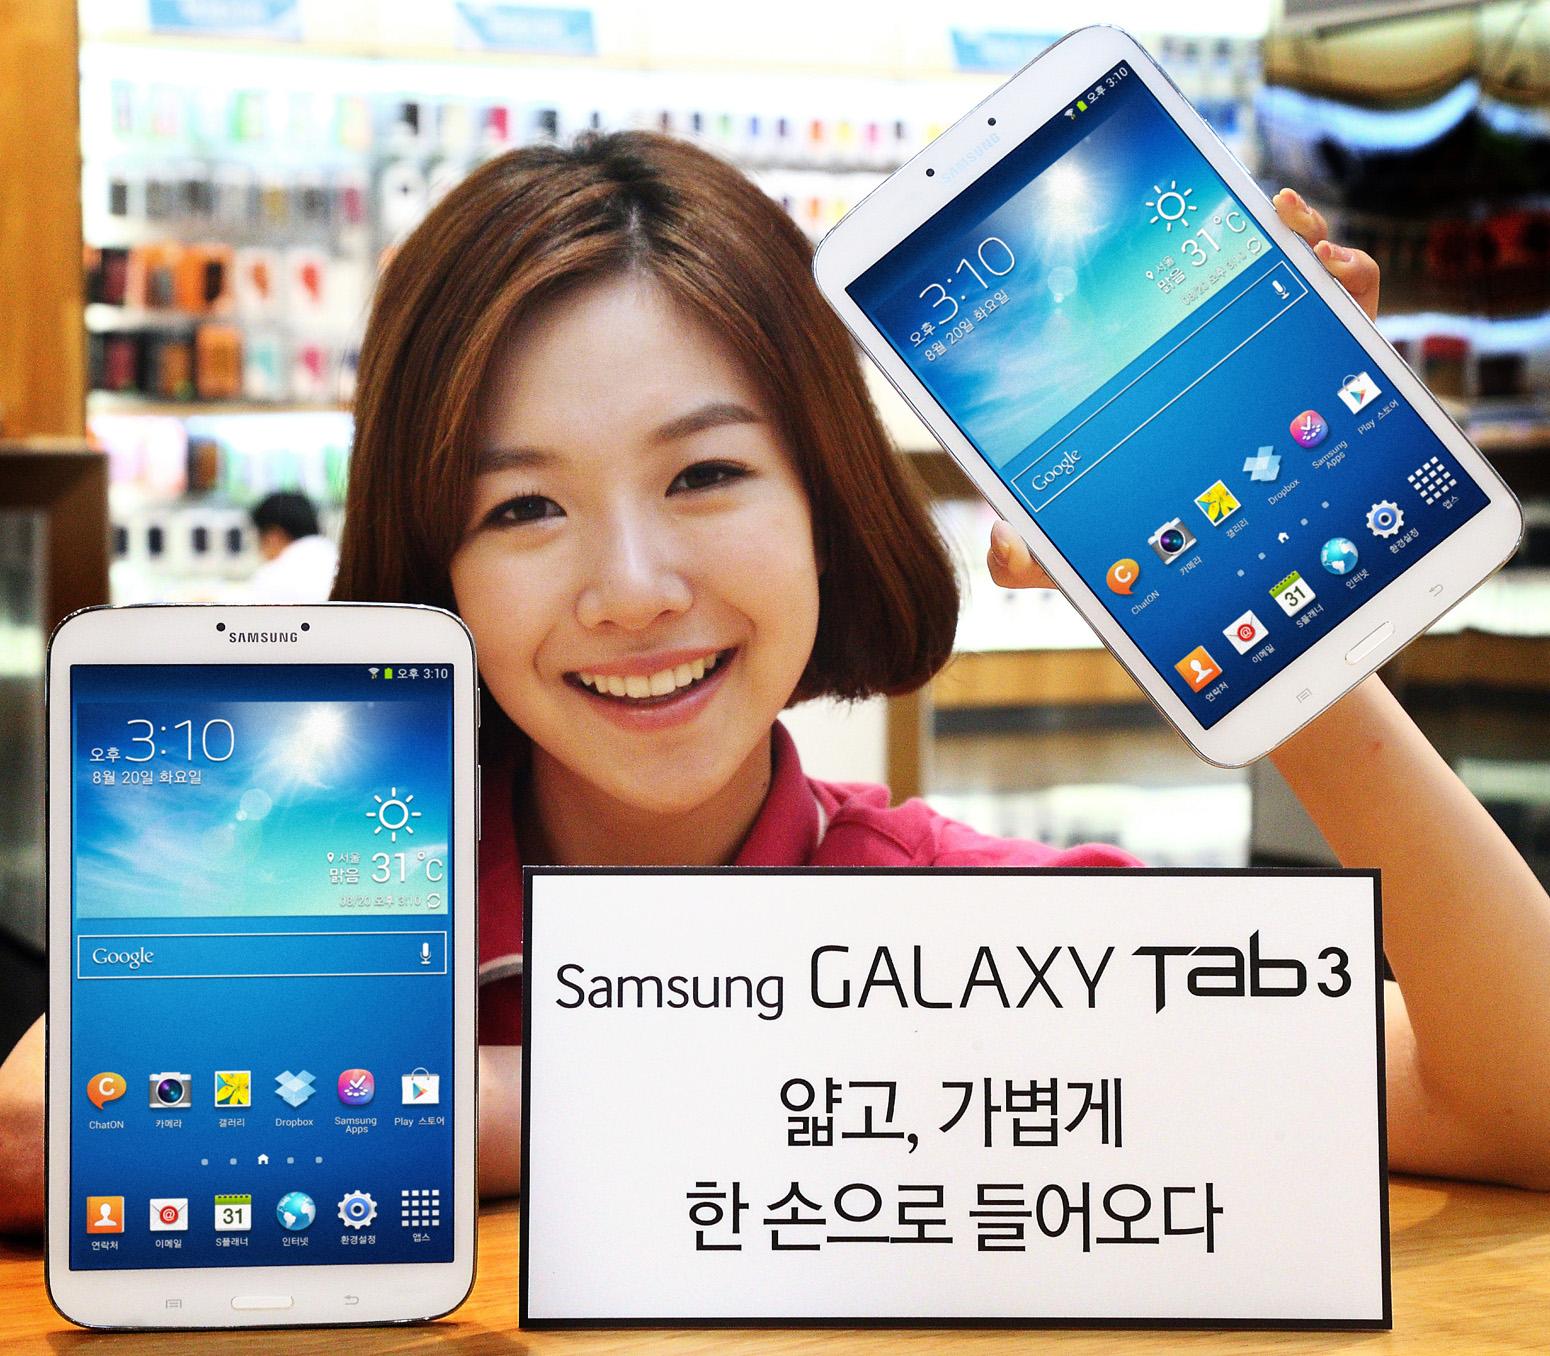 Galaxy_tab_3_01